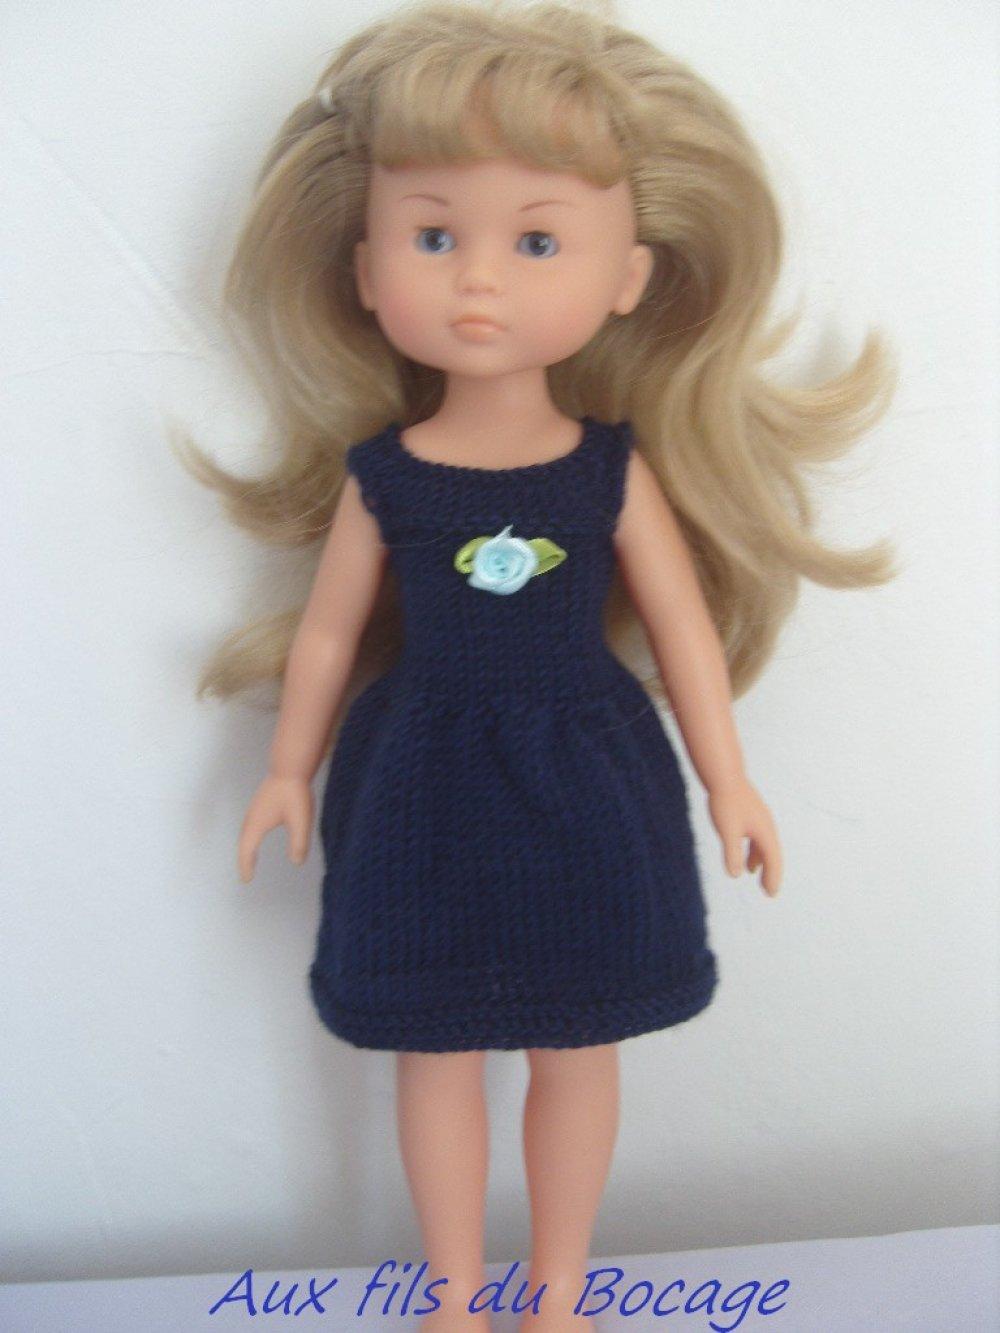 Vêtement pour poupée Les Chéries, robe bleue marine au tricot